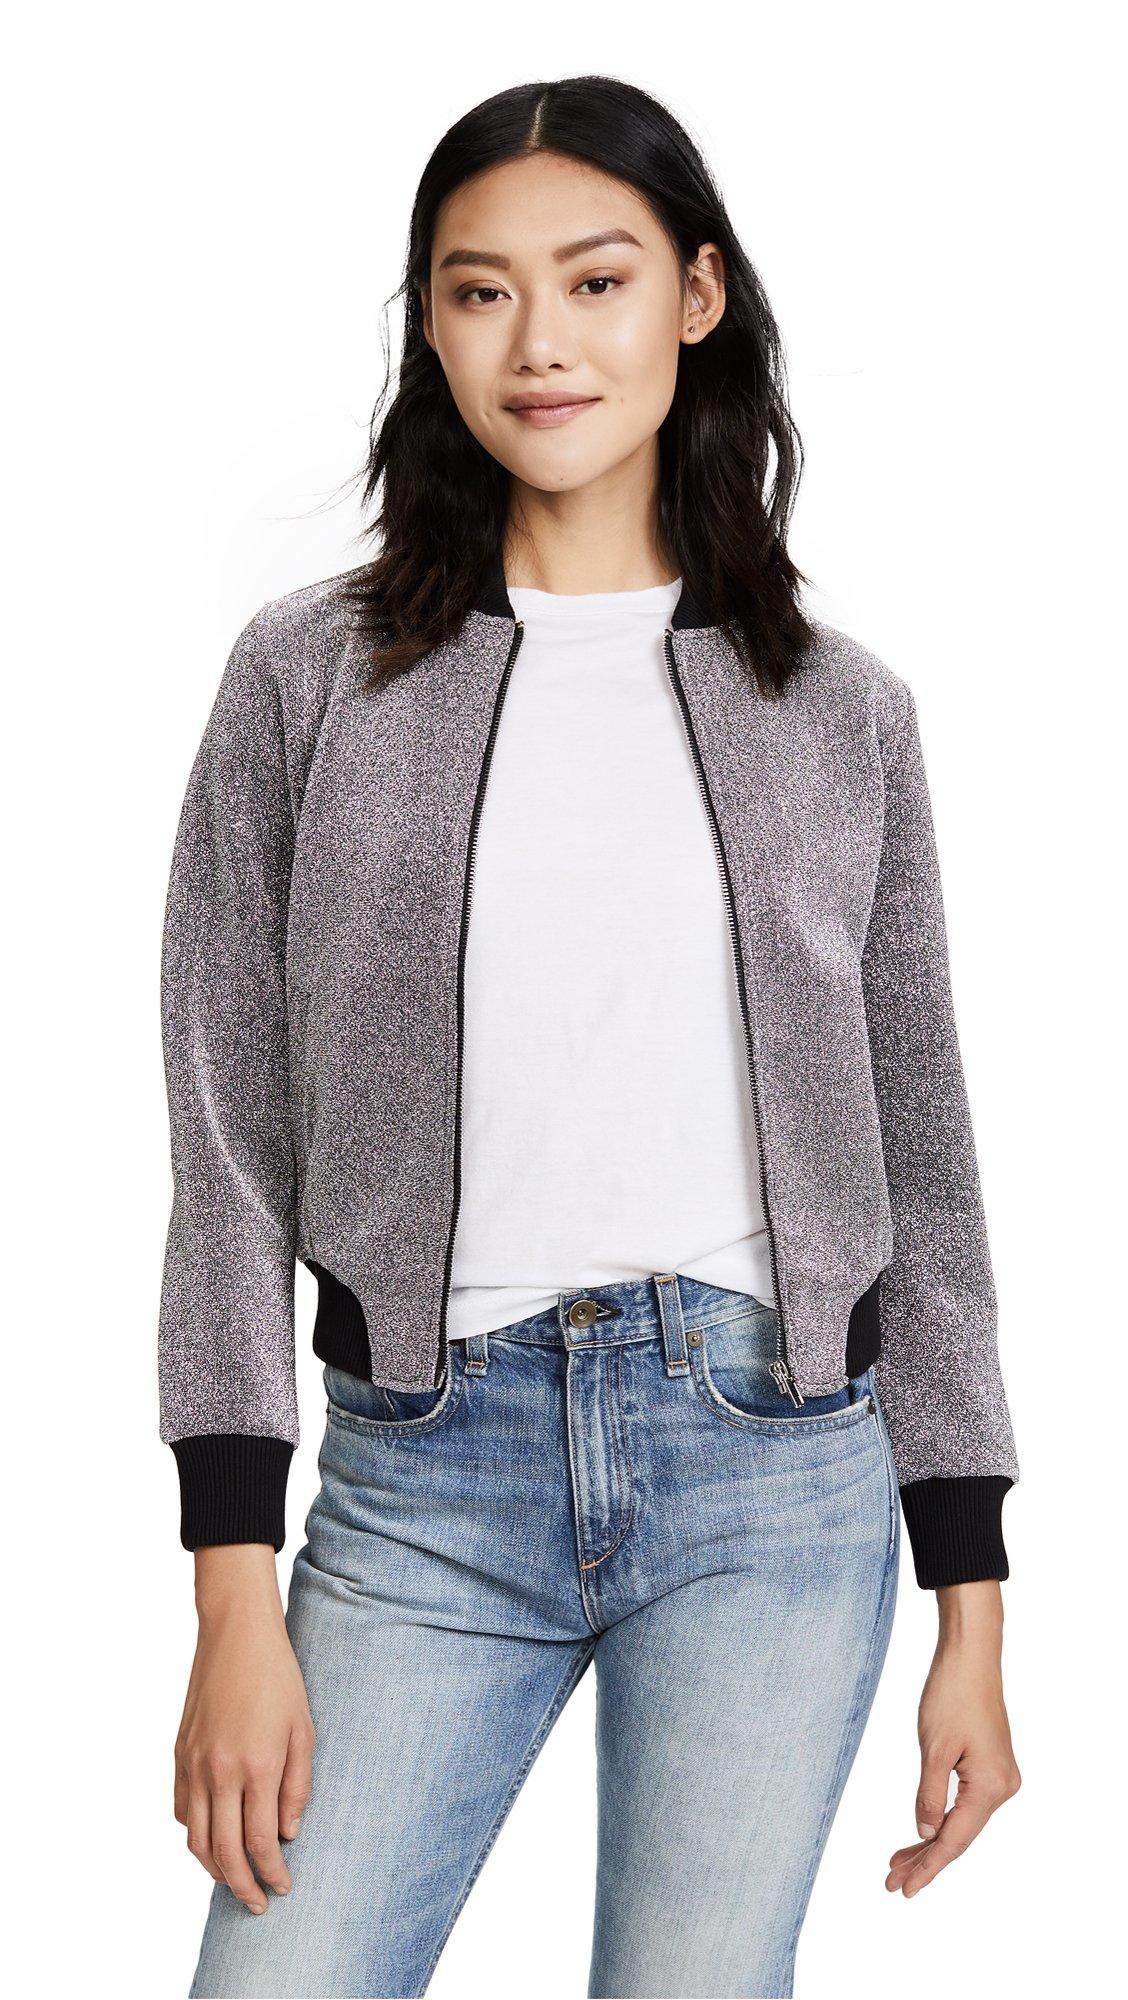 BB Dakota Women's Briarlyn Lurex Bomber Jacket, Silver, Large